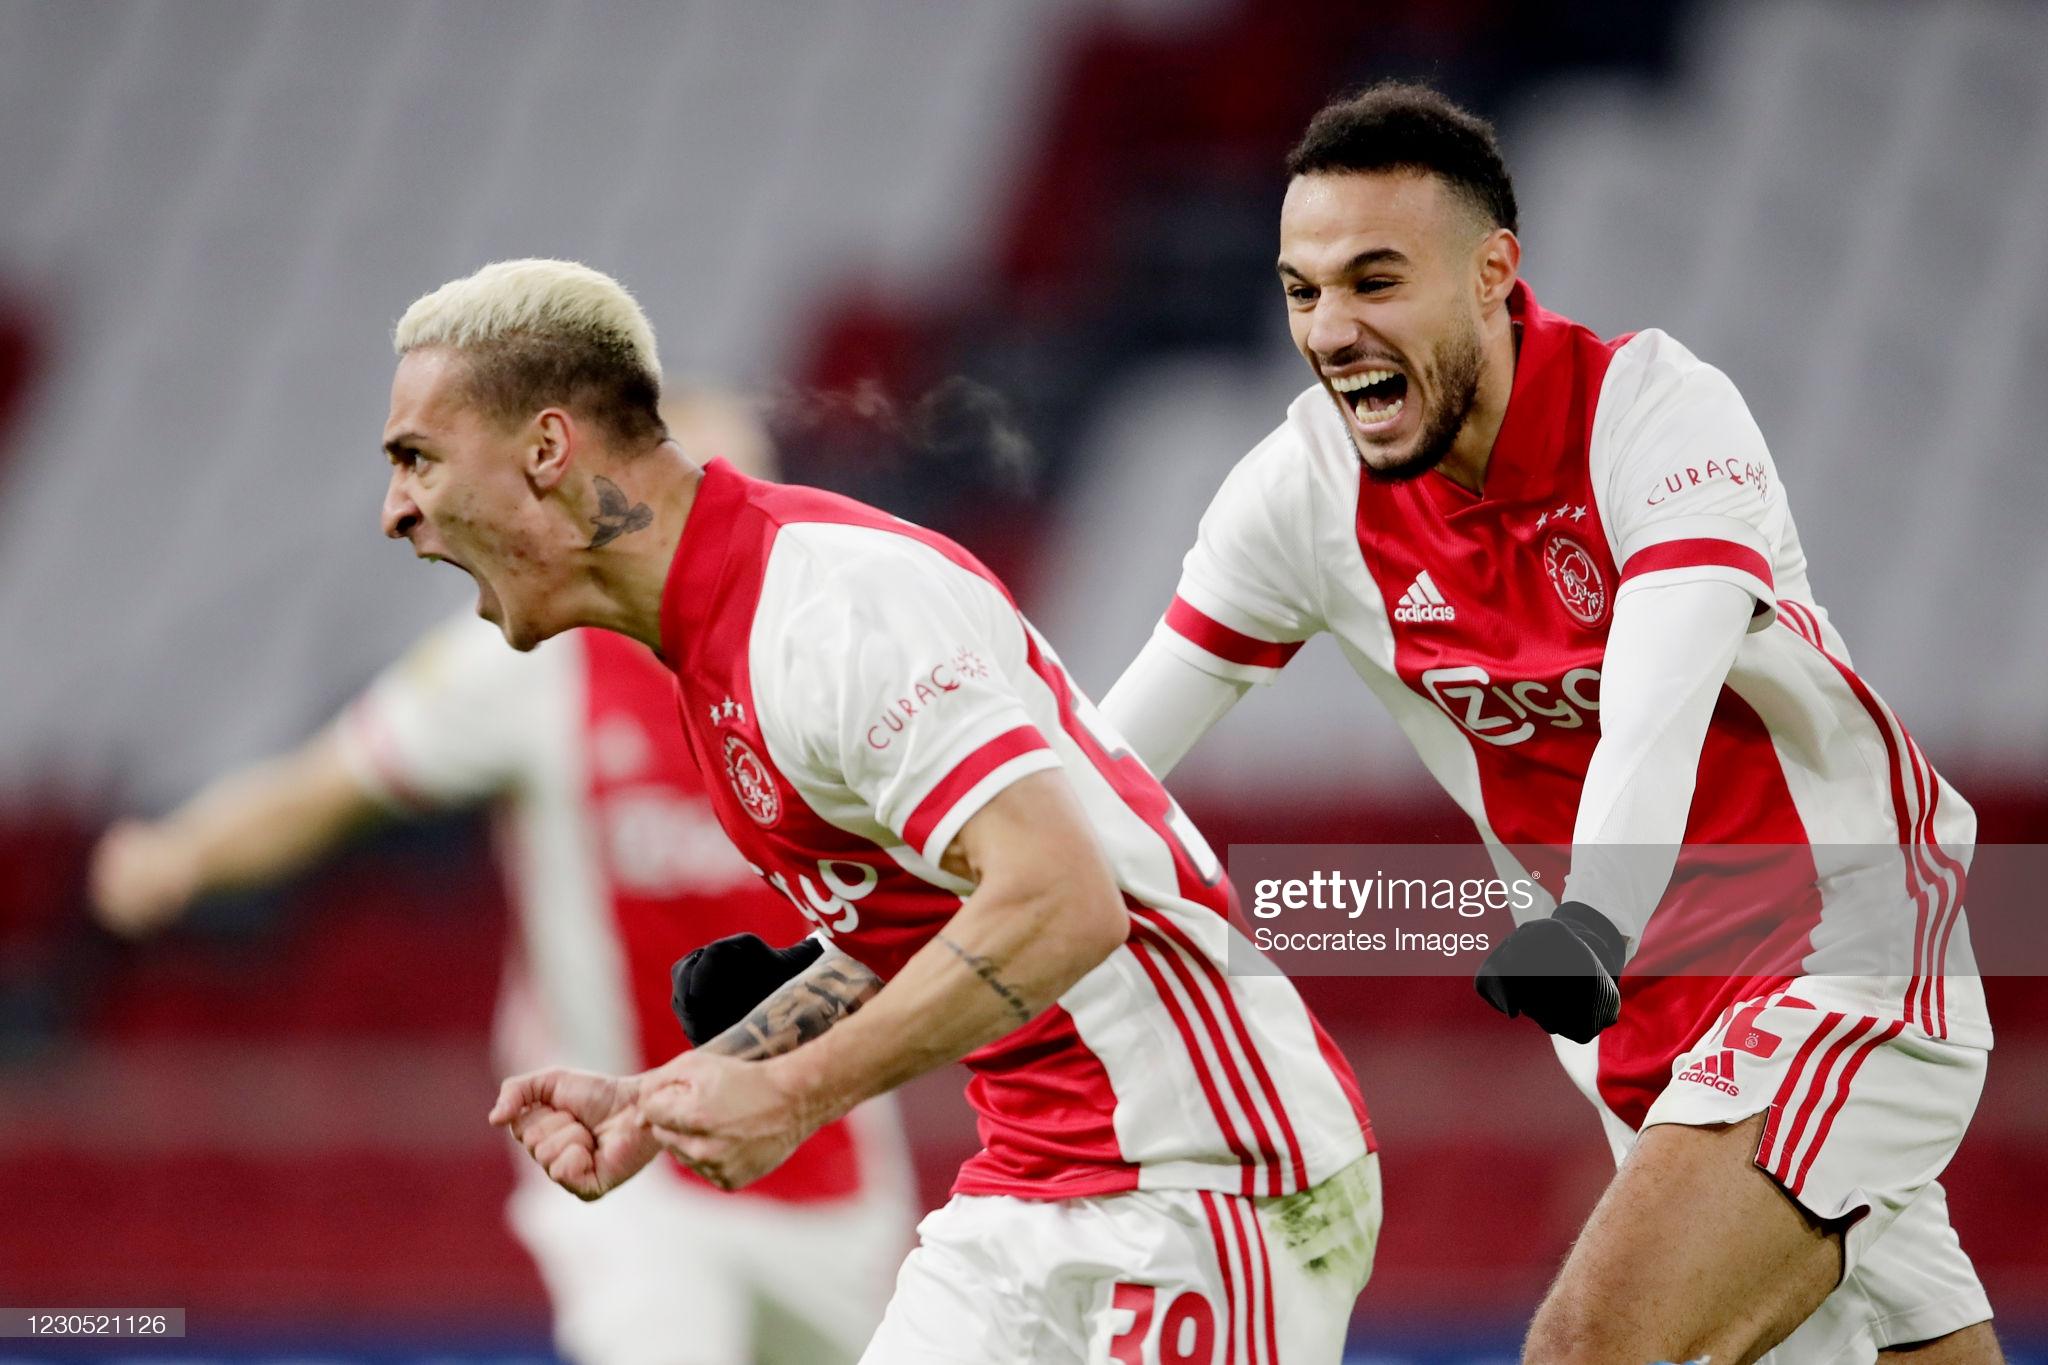 Ajax vs Feyenoord